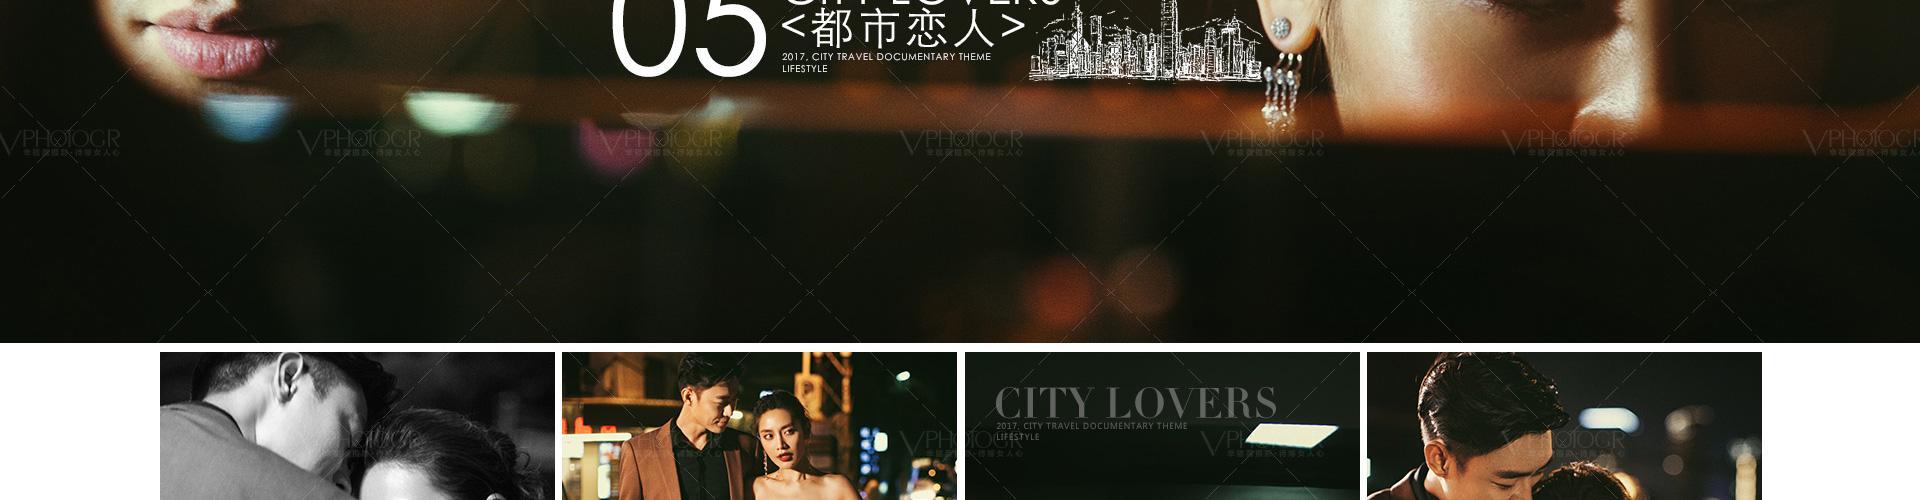 《你的城市》